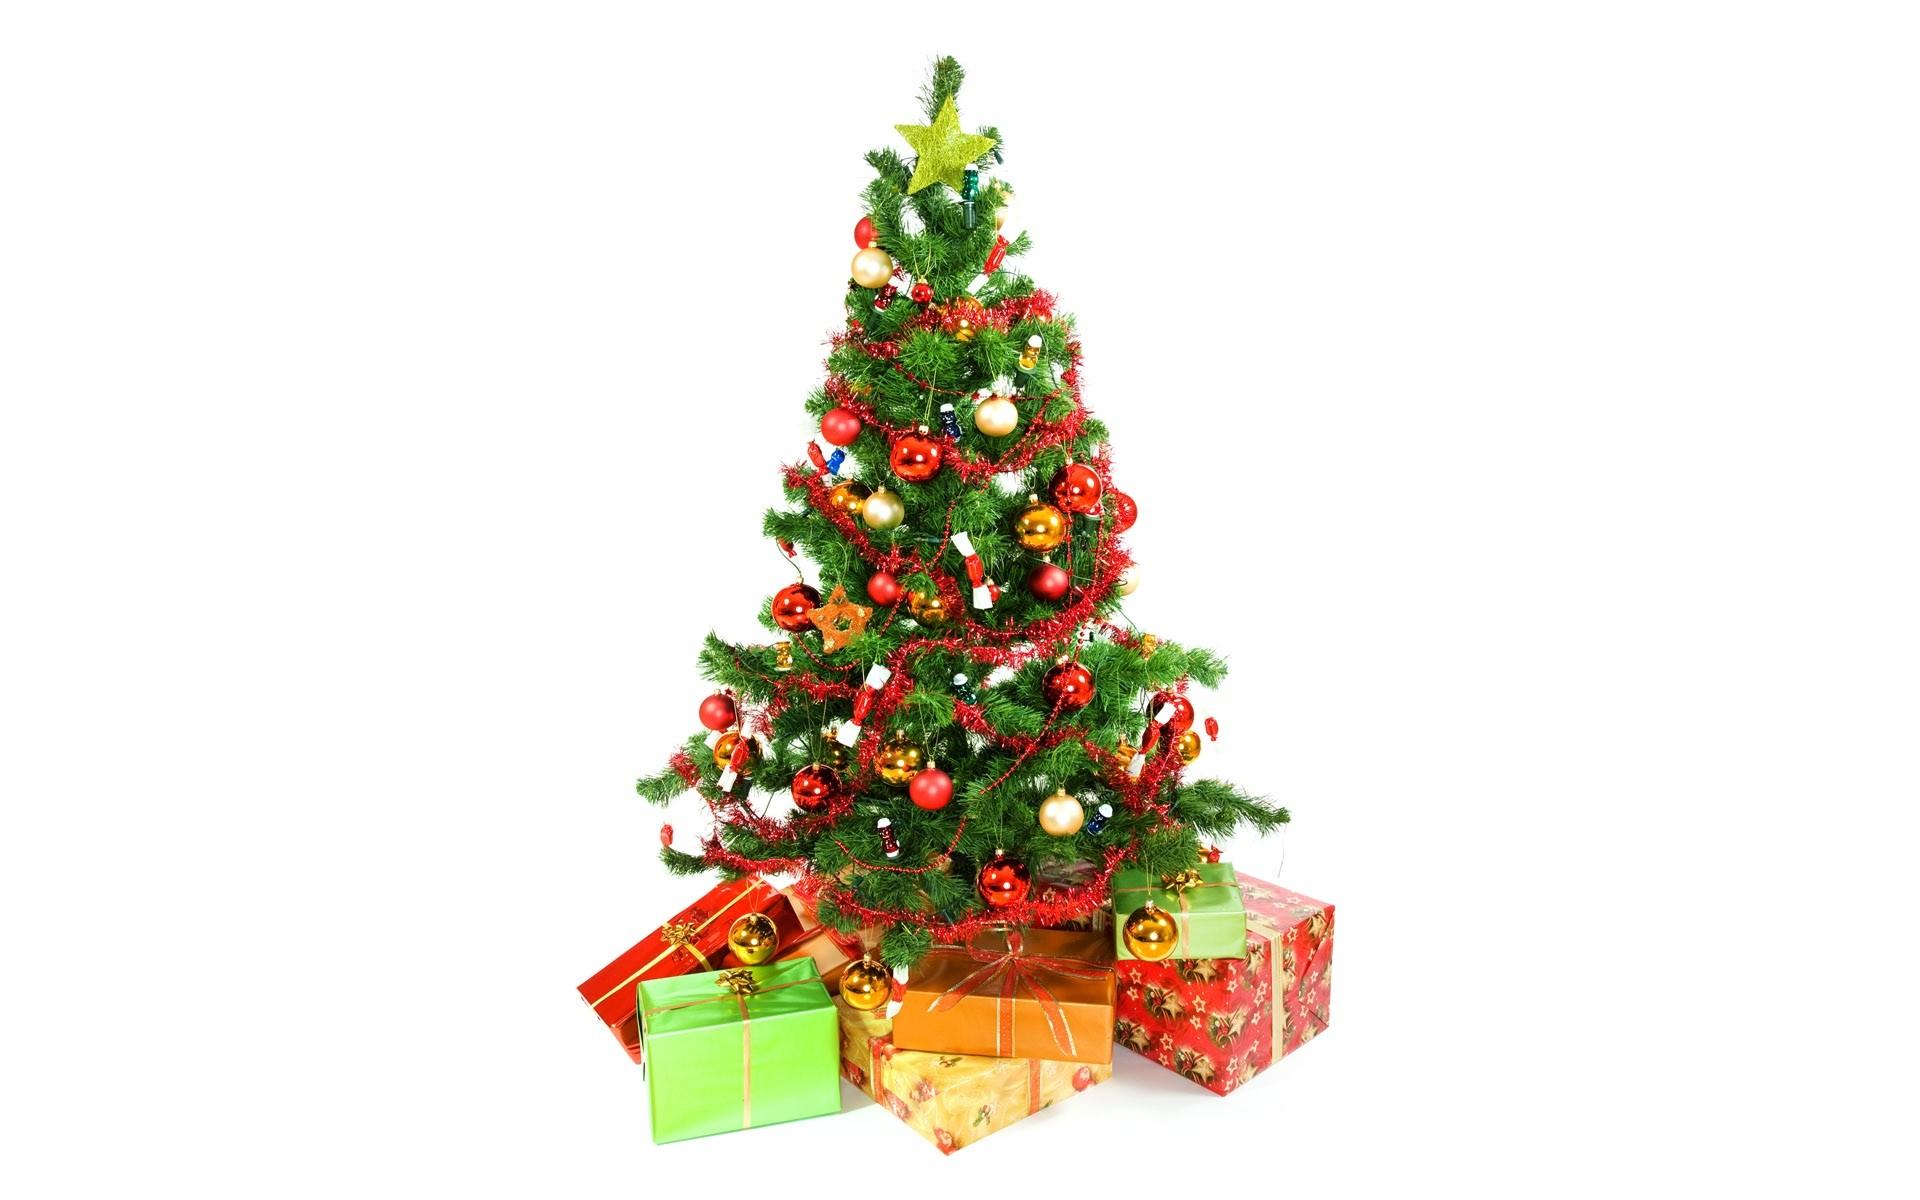 Fondos de pantallas hd navidad 2013 taringa - Albol de navidad ...